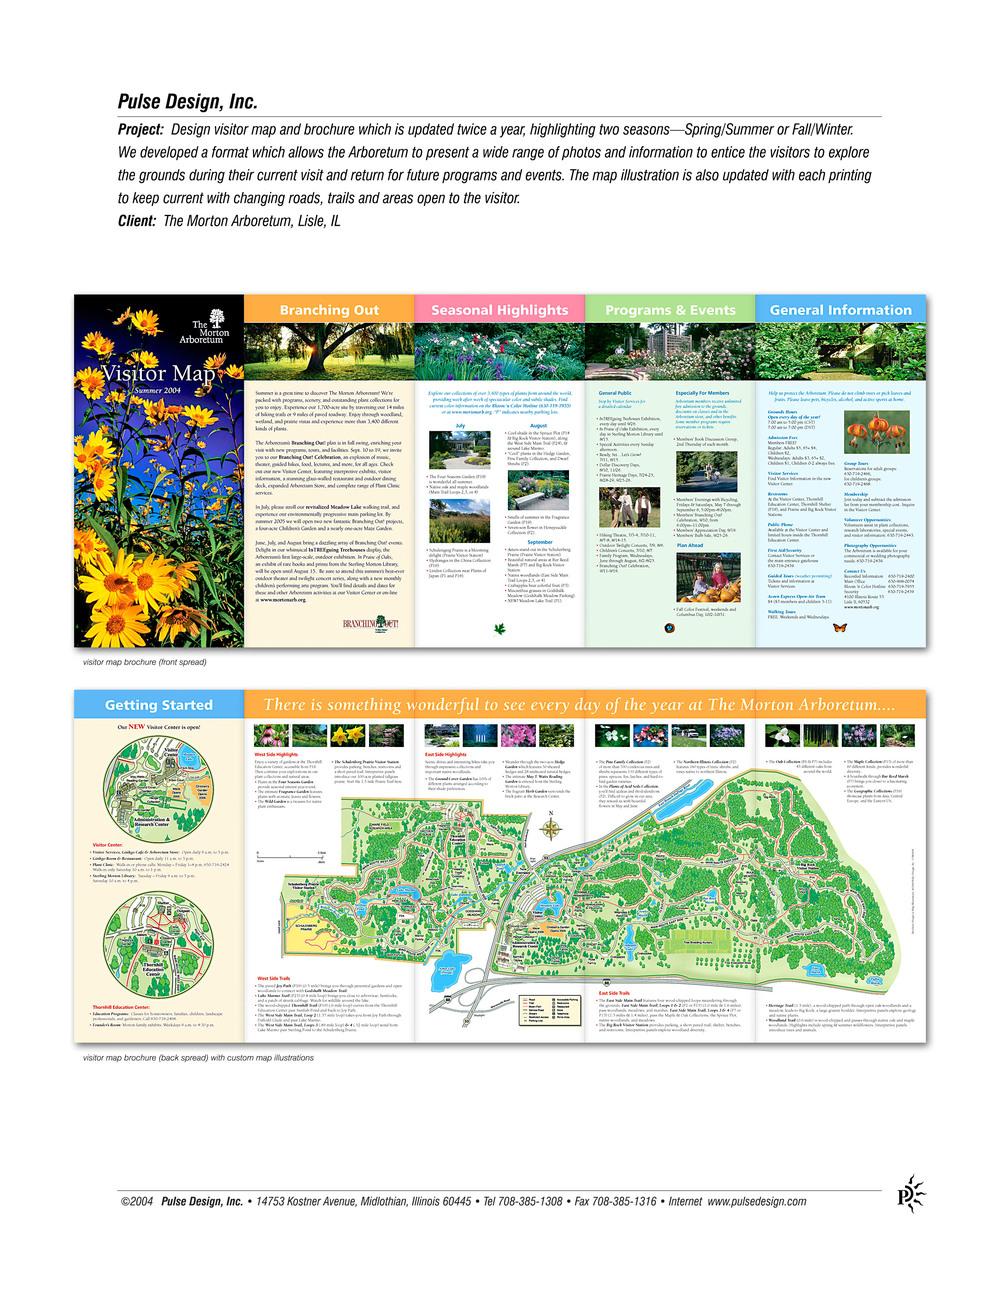 Morton-Arboretum-Visitor-Map-Spring-Pulse-Design-Inc.jpg